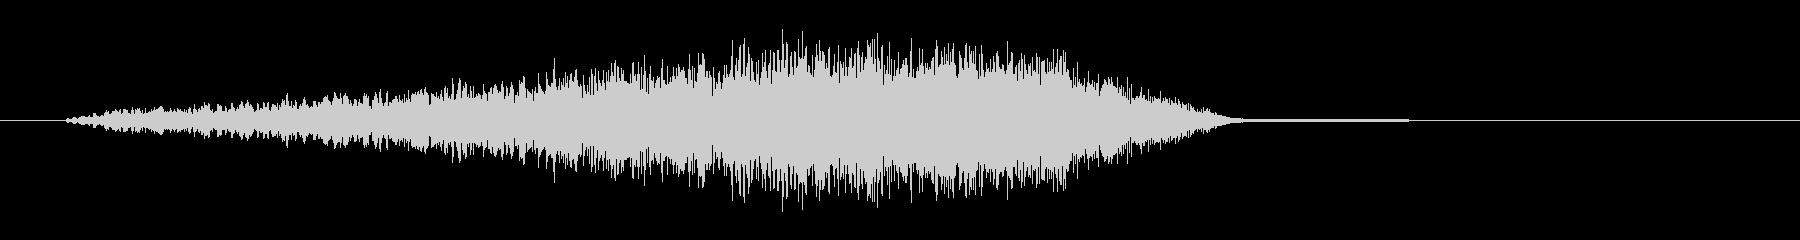 メーター上昇音の未再生の波形